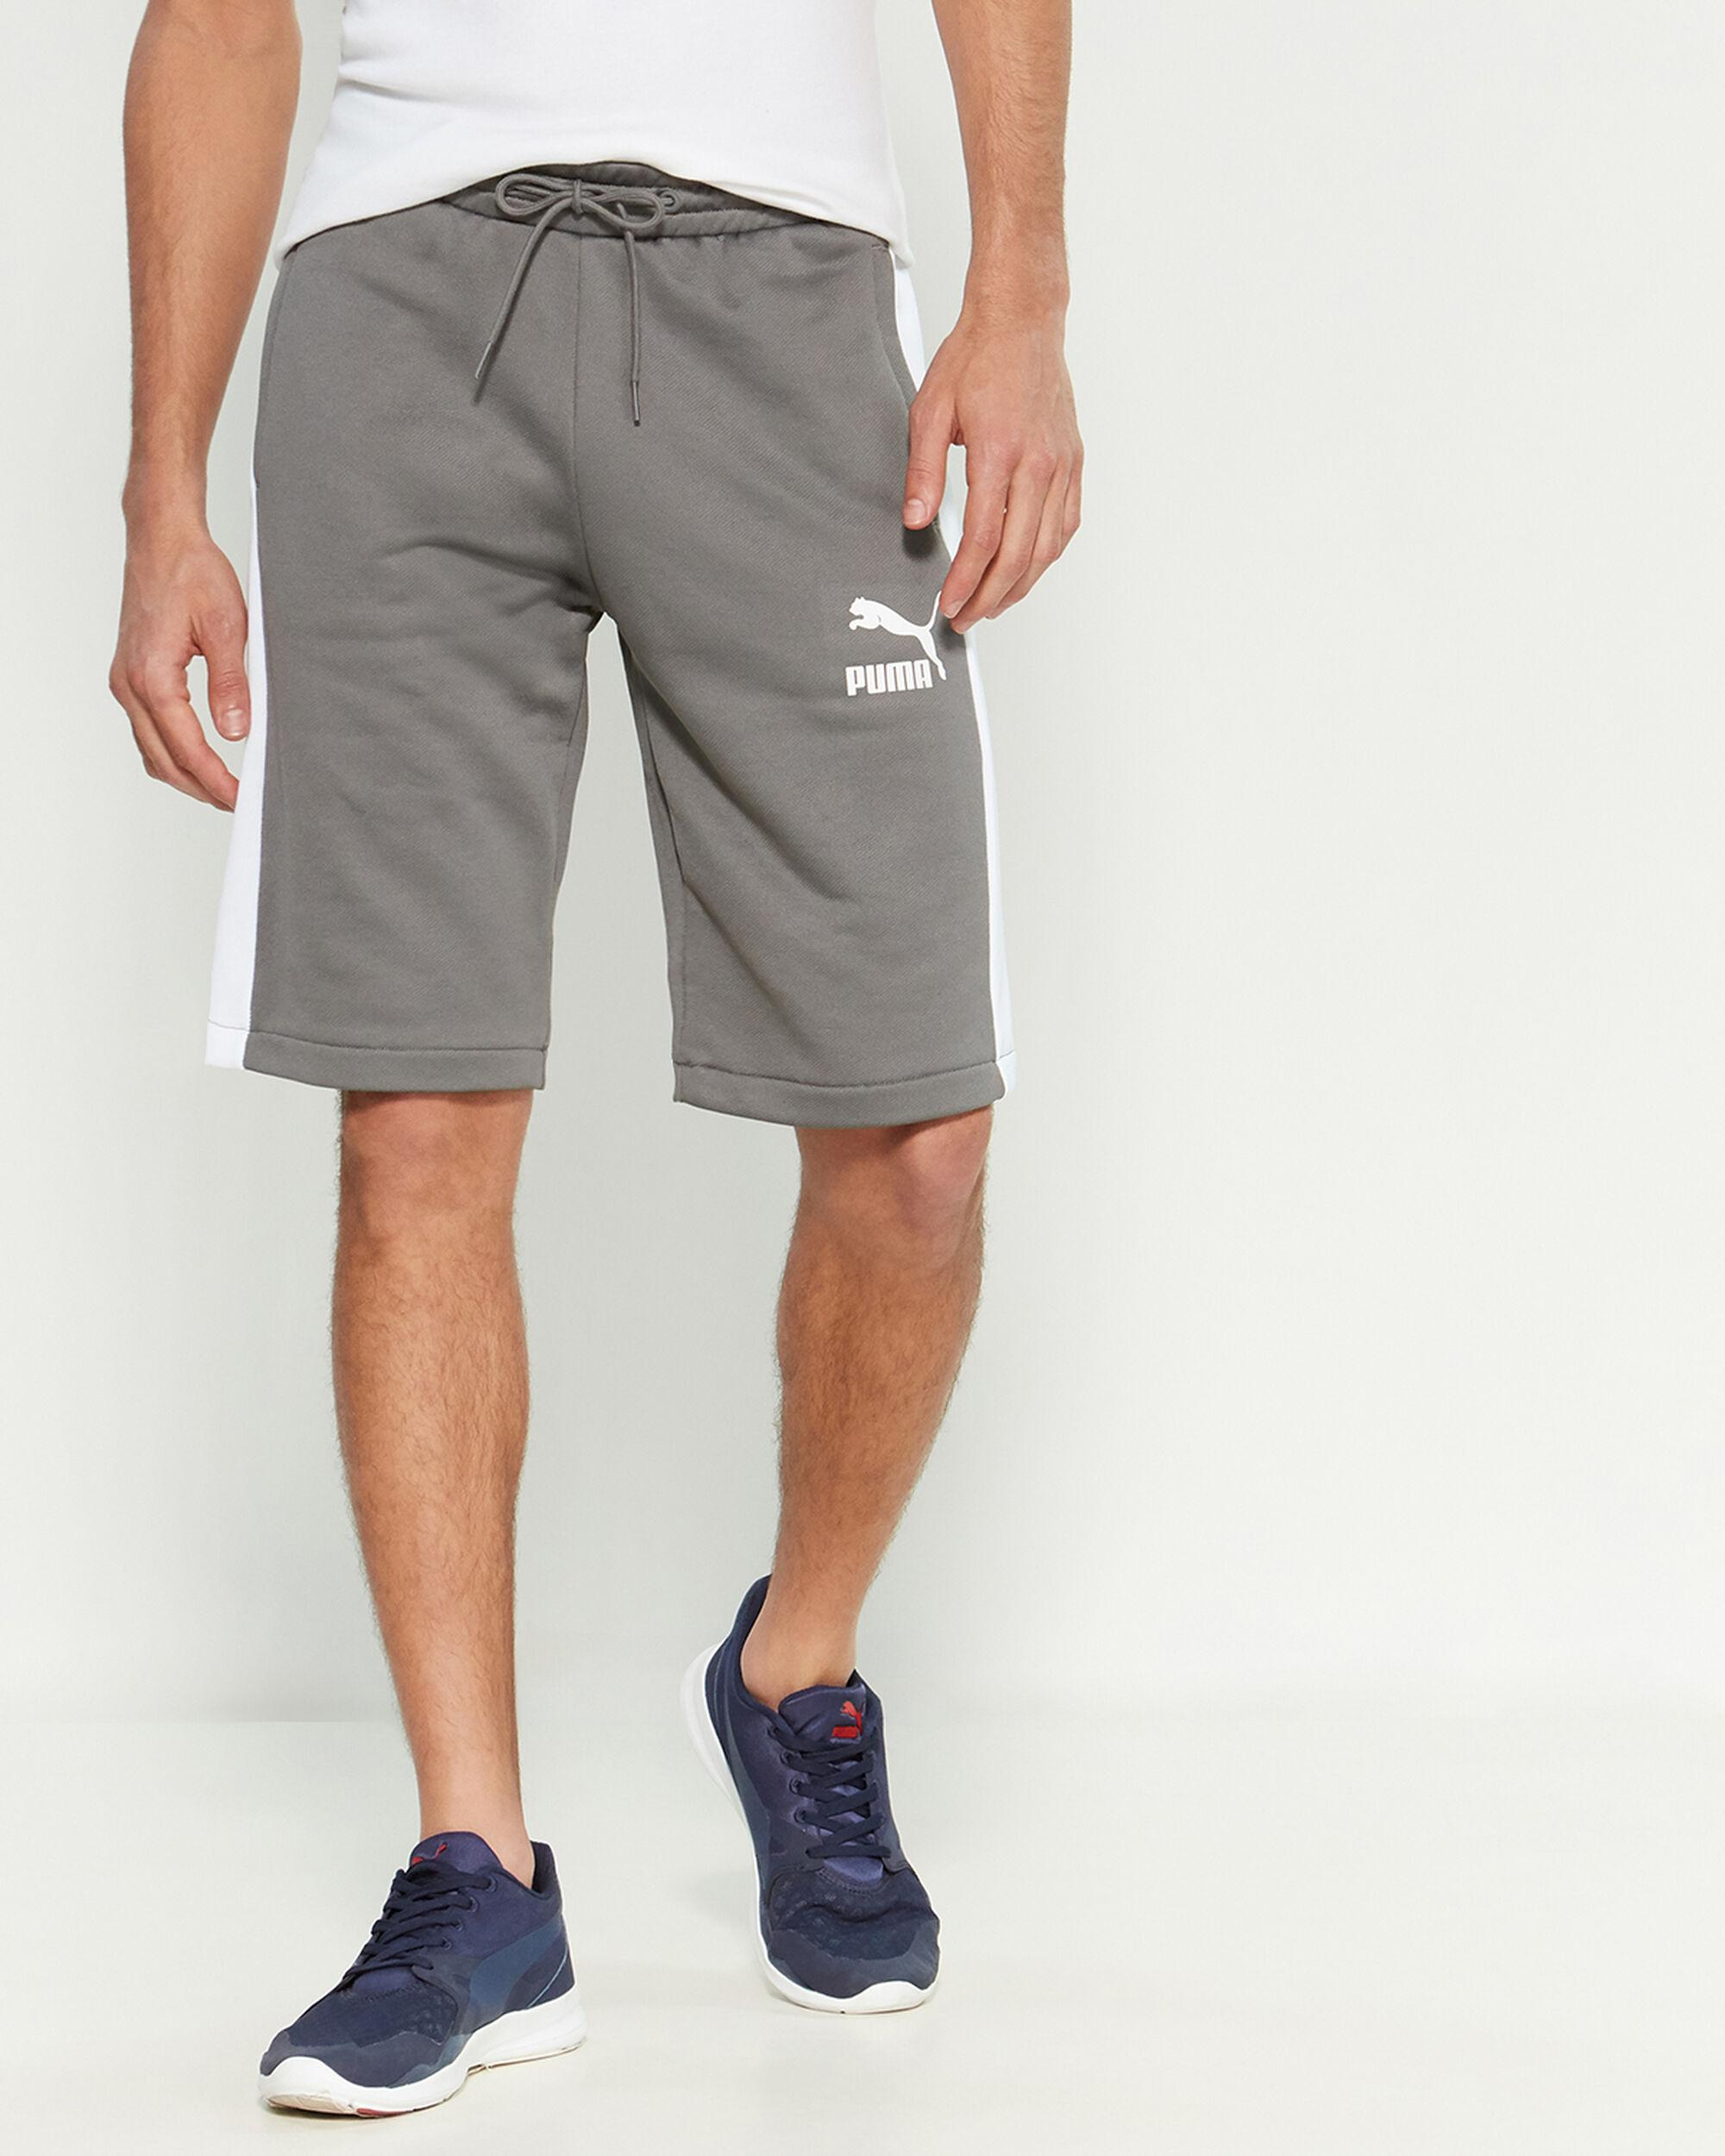 94e8af75f64e2 Men's Gray T7 Freizeit Shorts